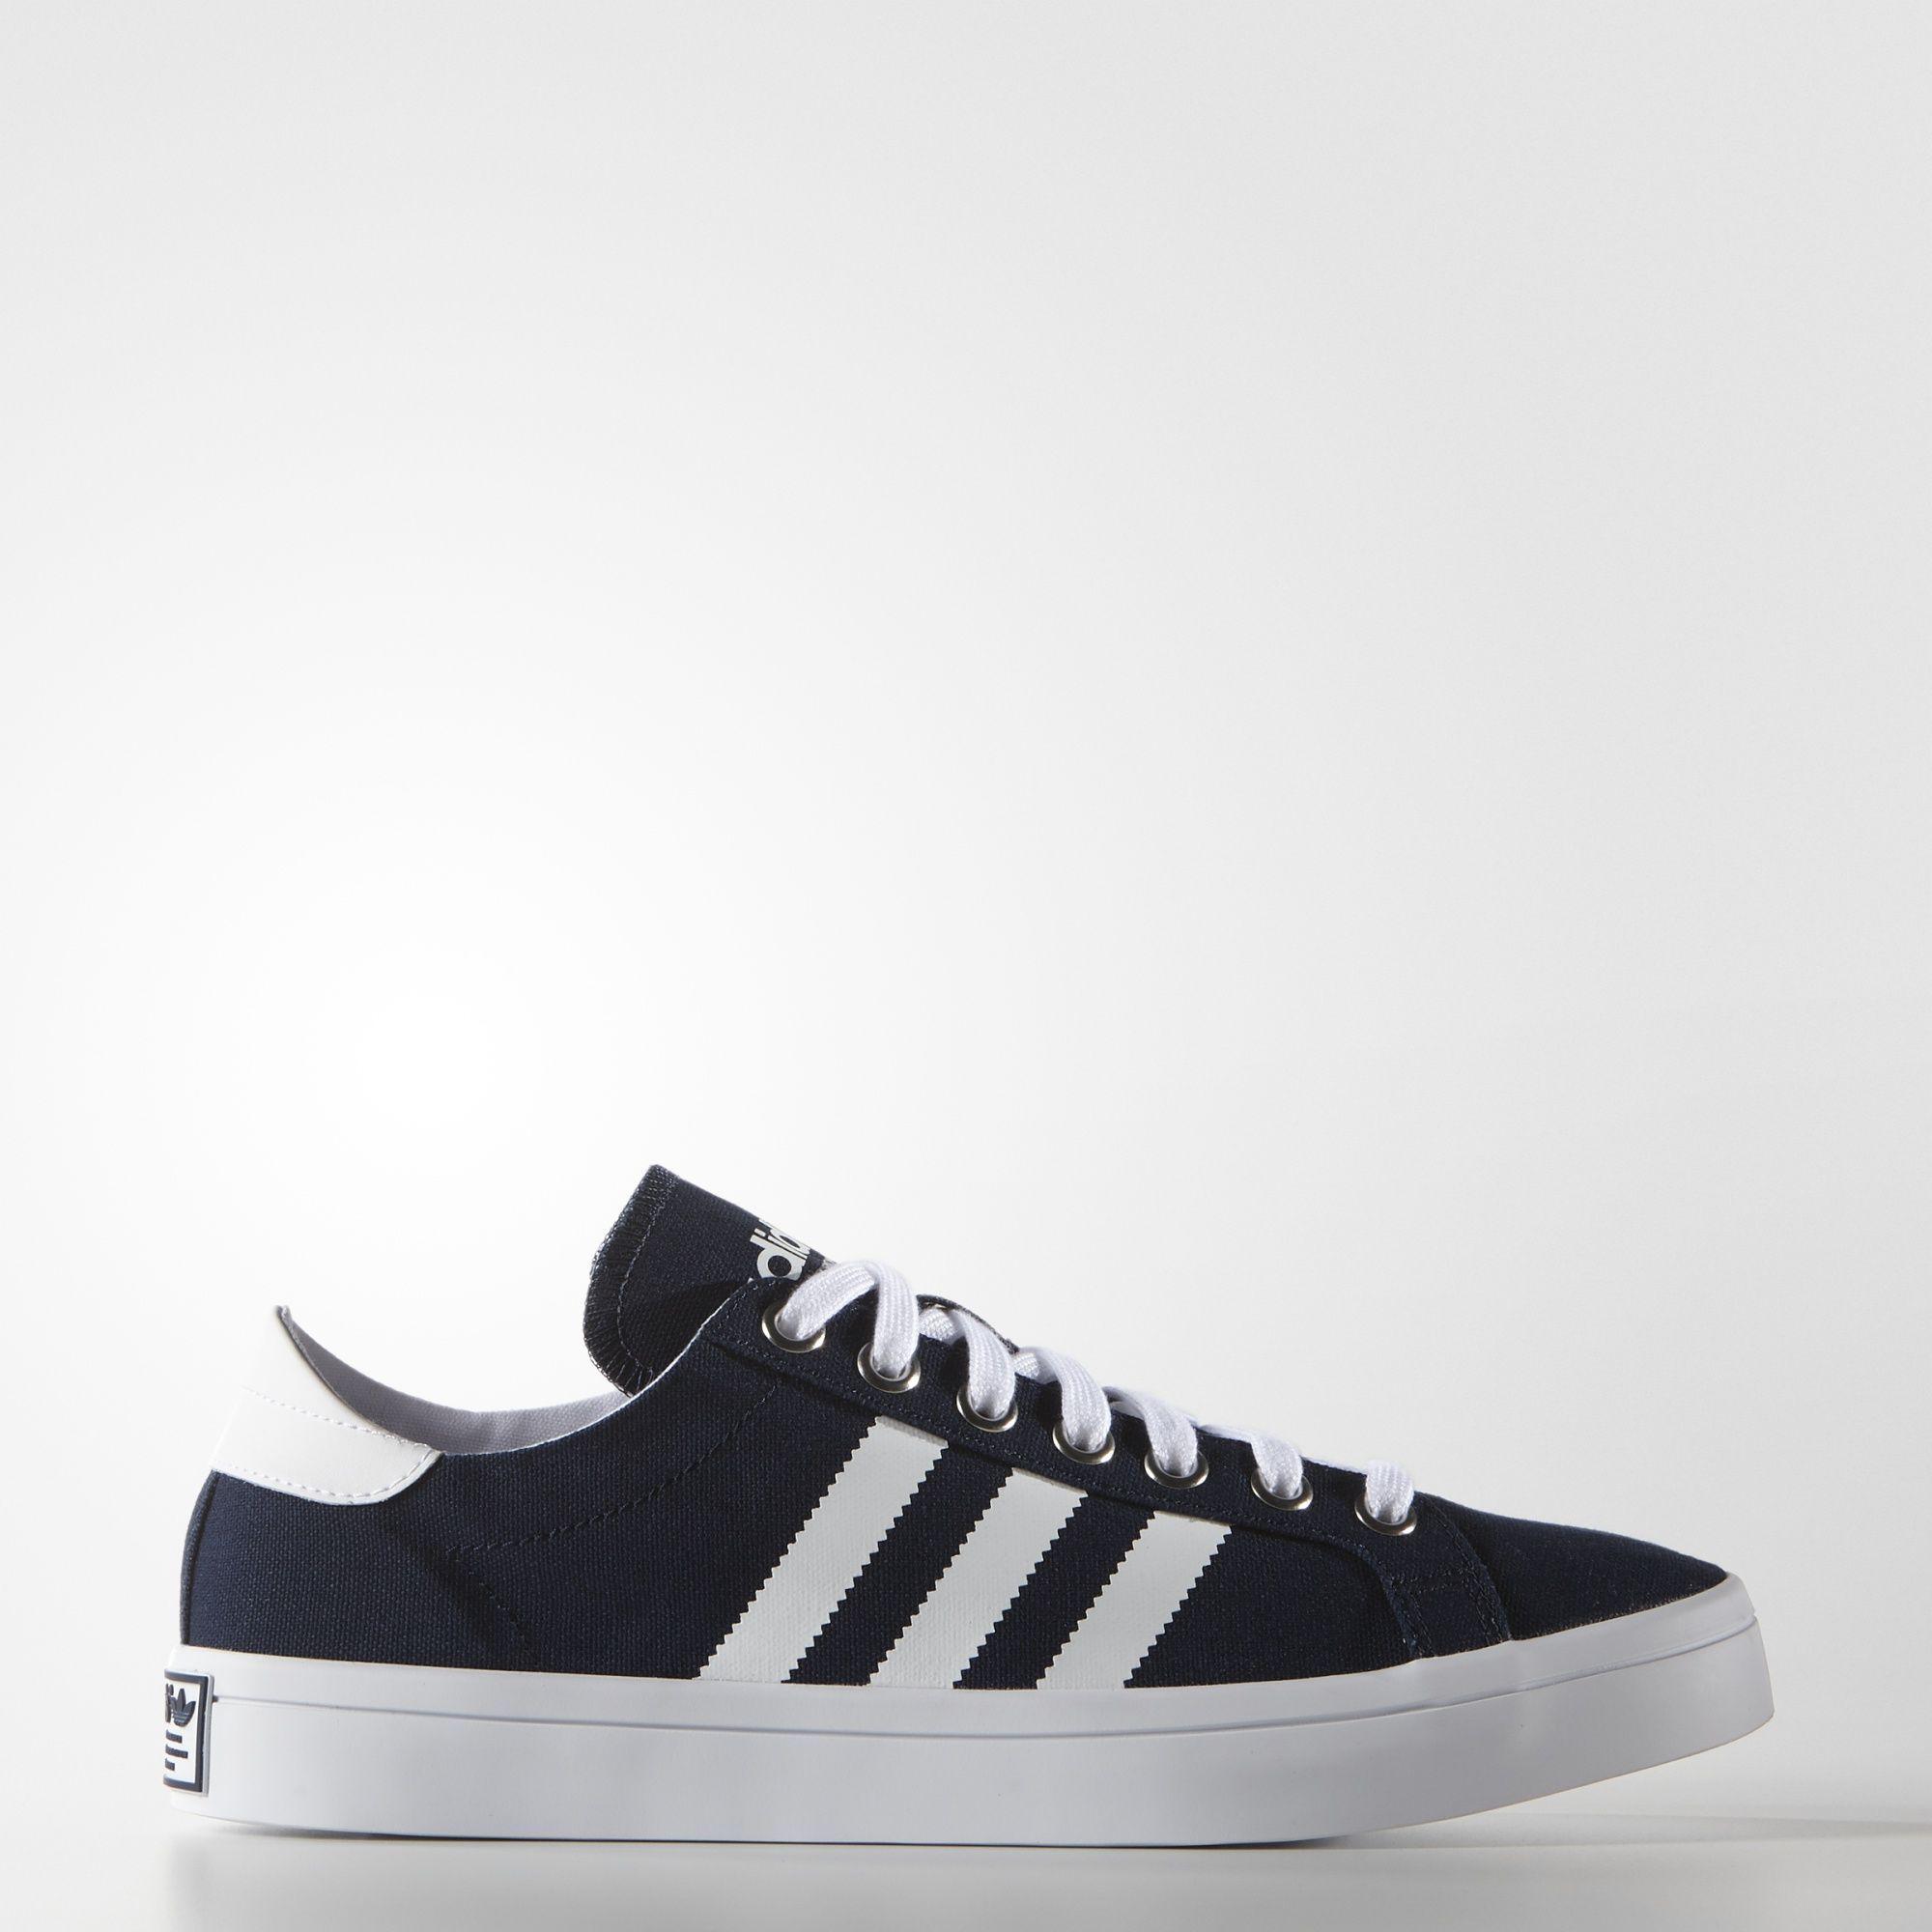 Court - Shoes | adidas UK